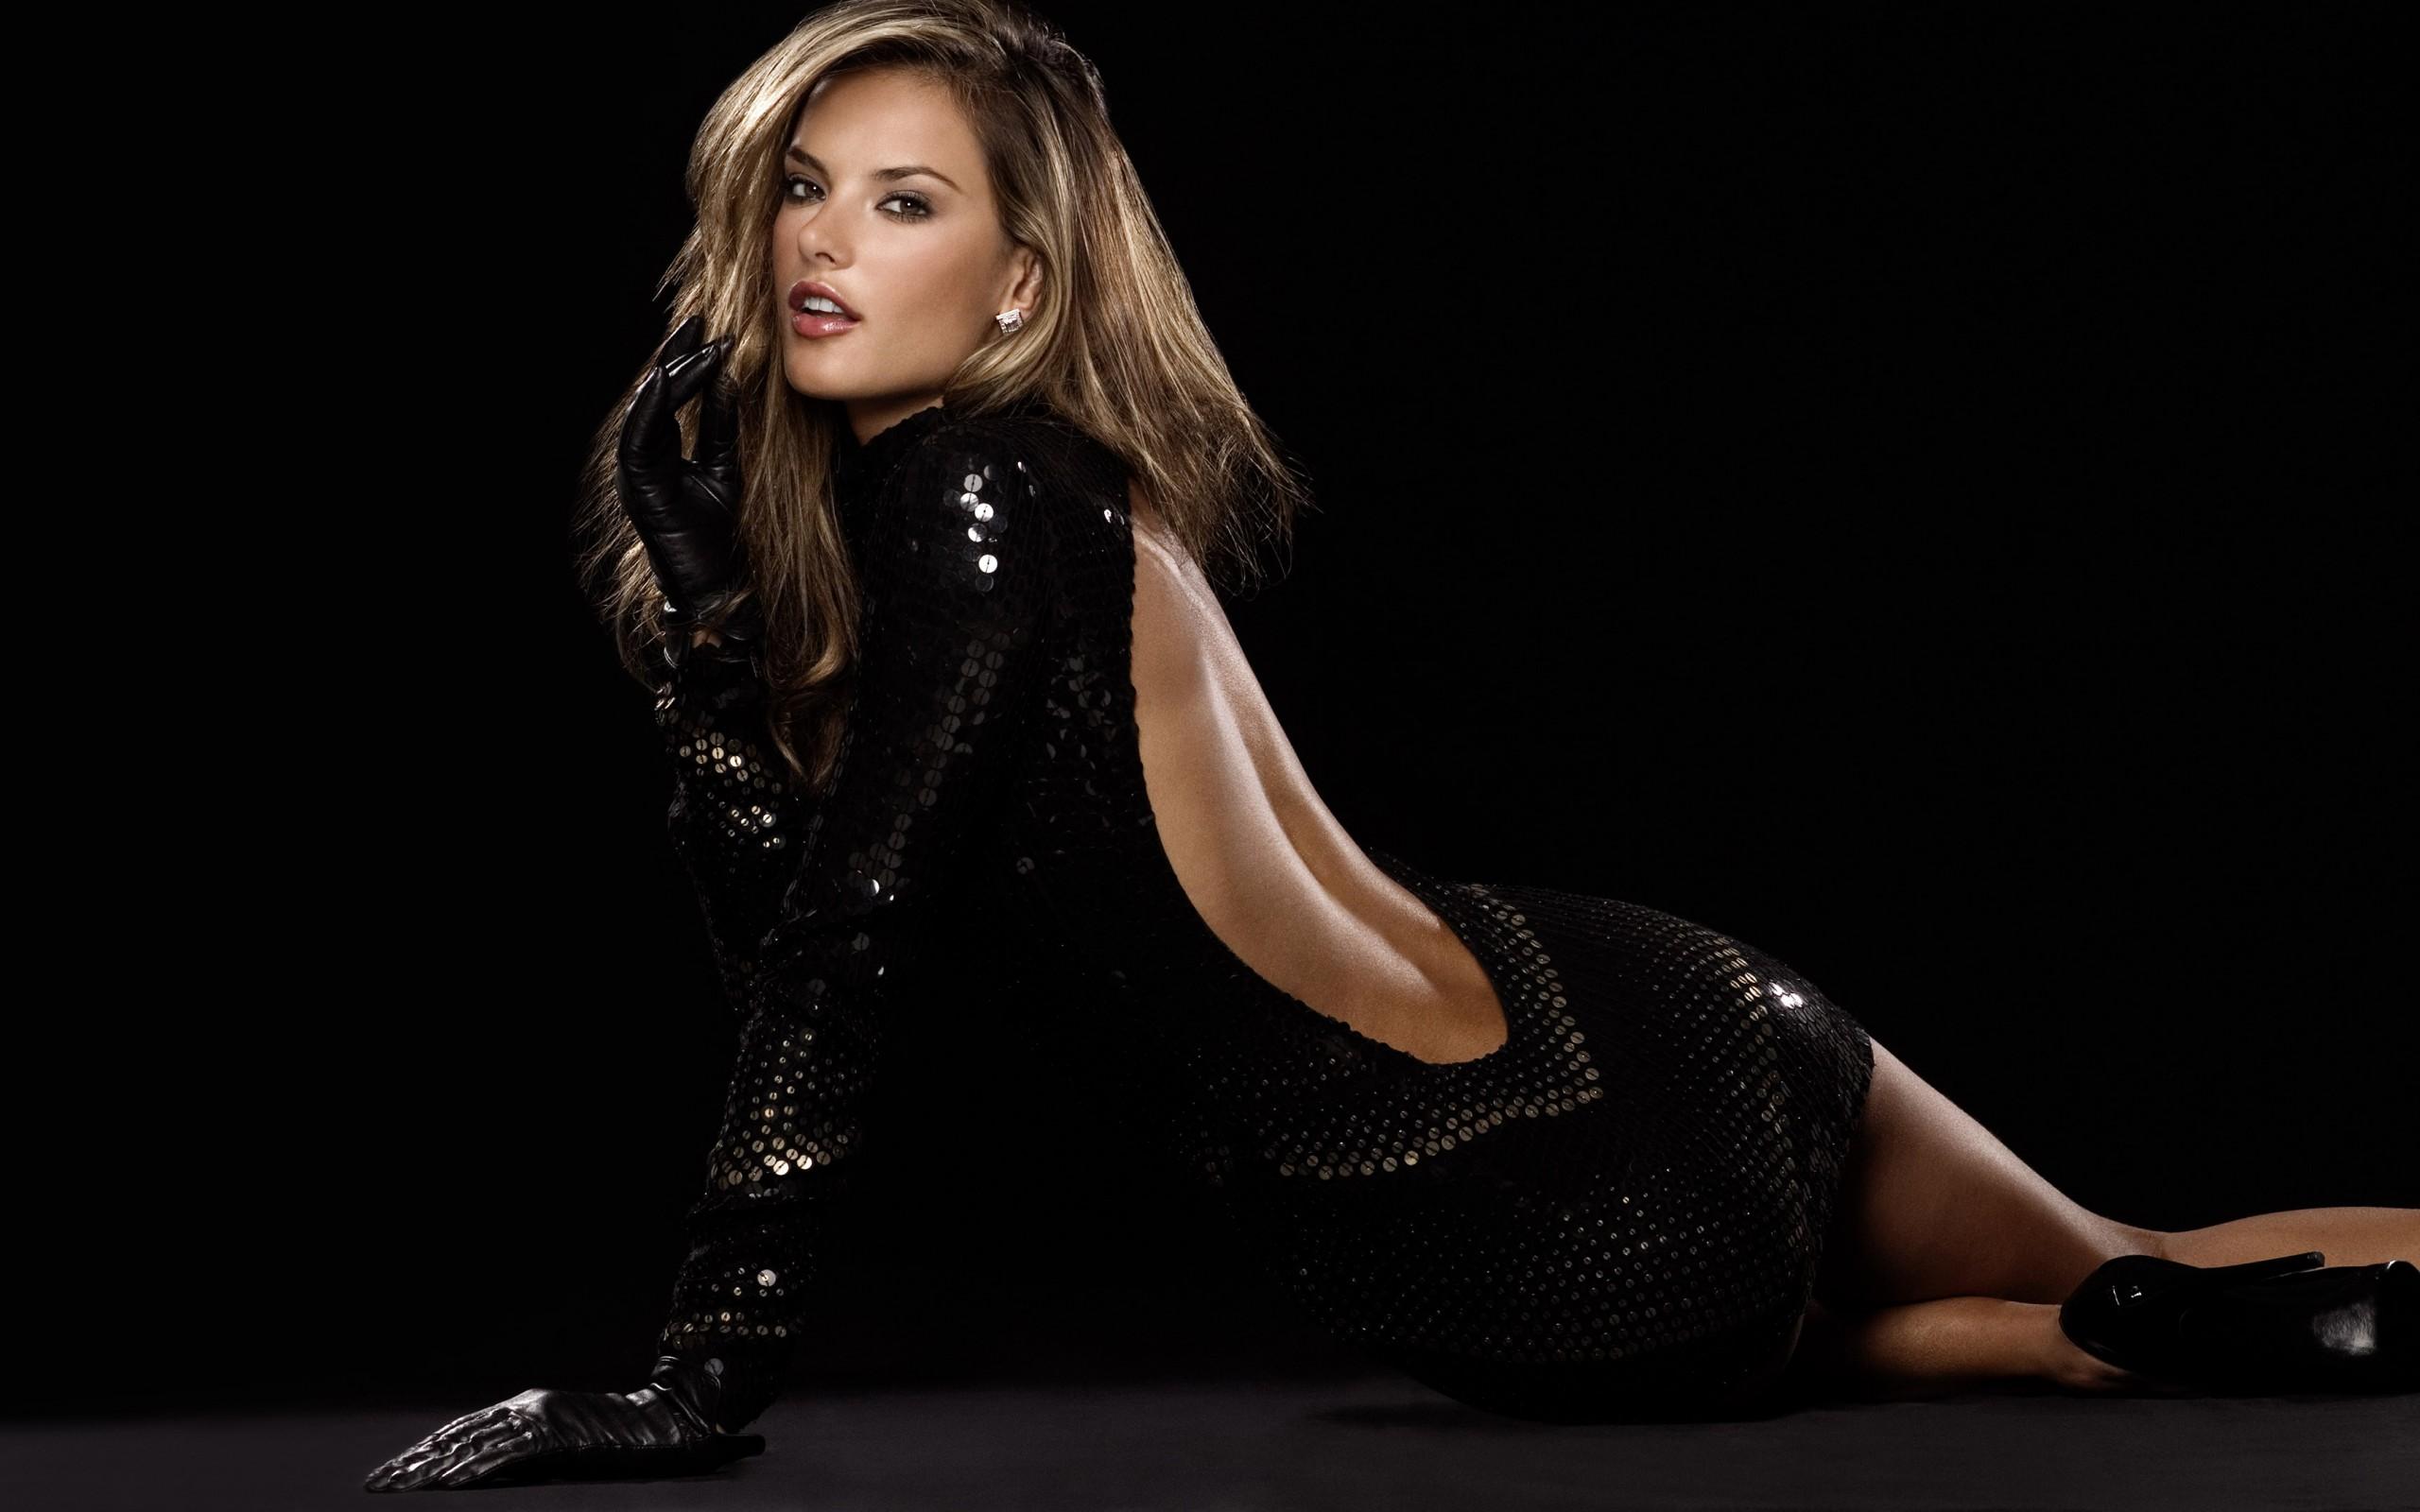 Brunette in black dress 4K Ultra HD wallpaper 4k WallpaperNet 2560x1600